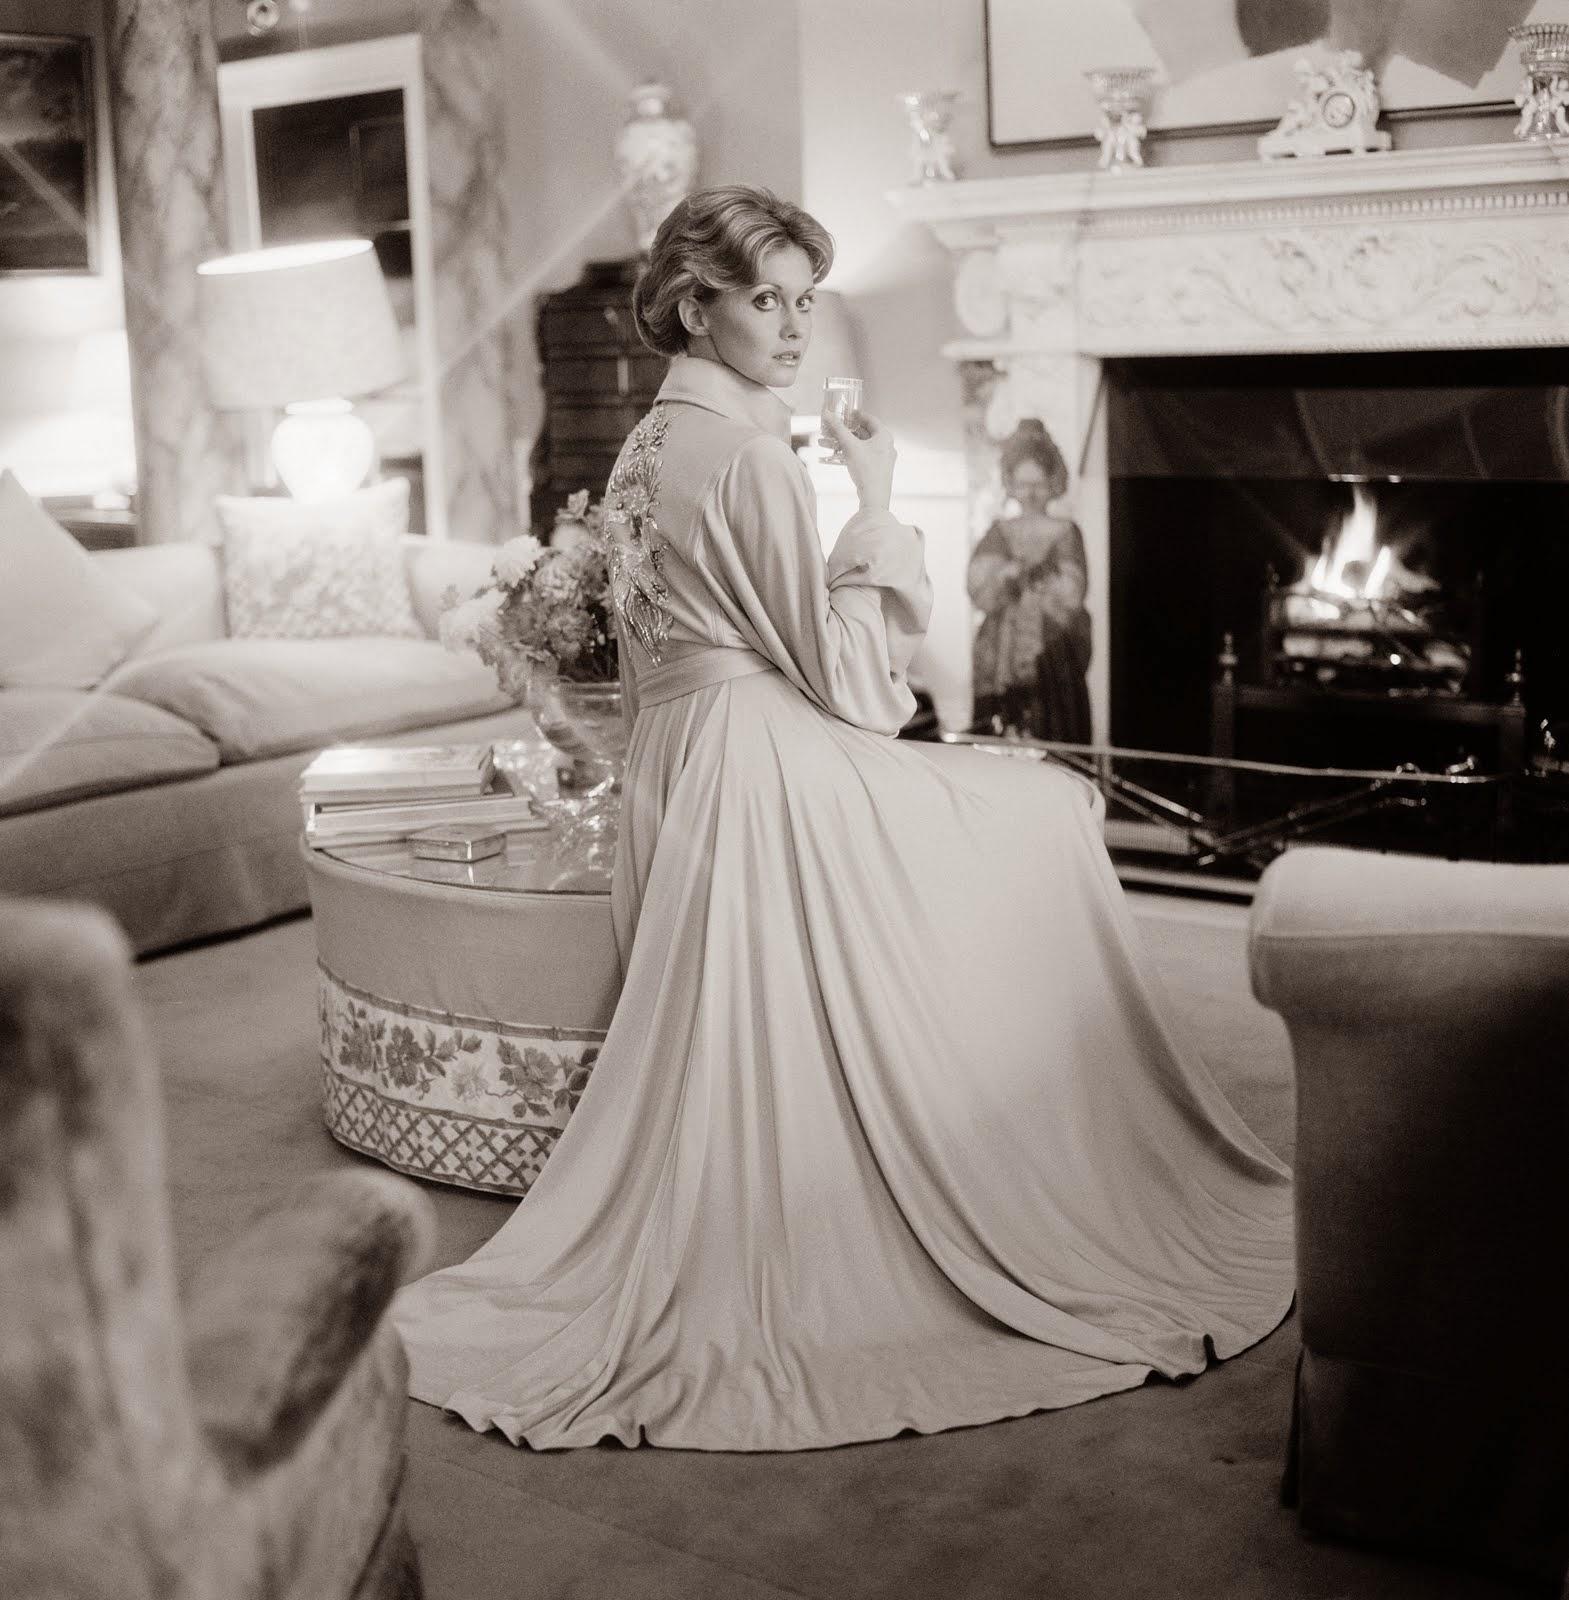 Блестящие фотоснимки английского графа и знаменитого фотографа Патрика Личфилда